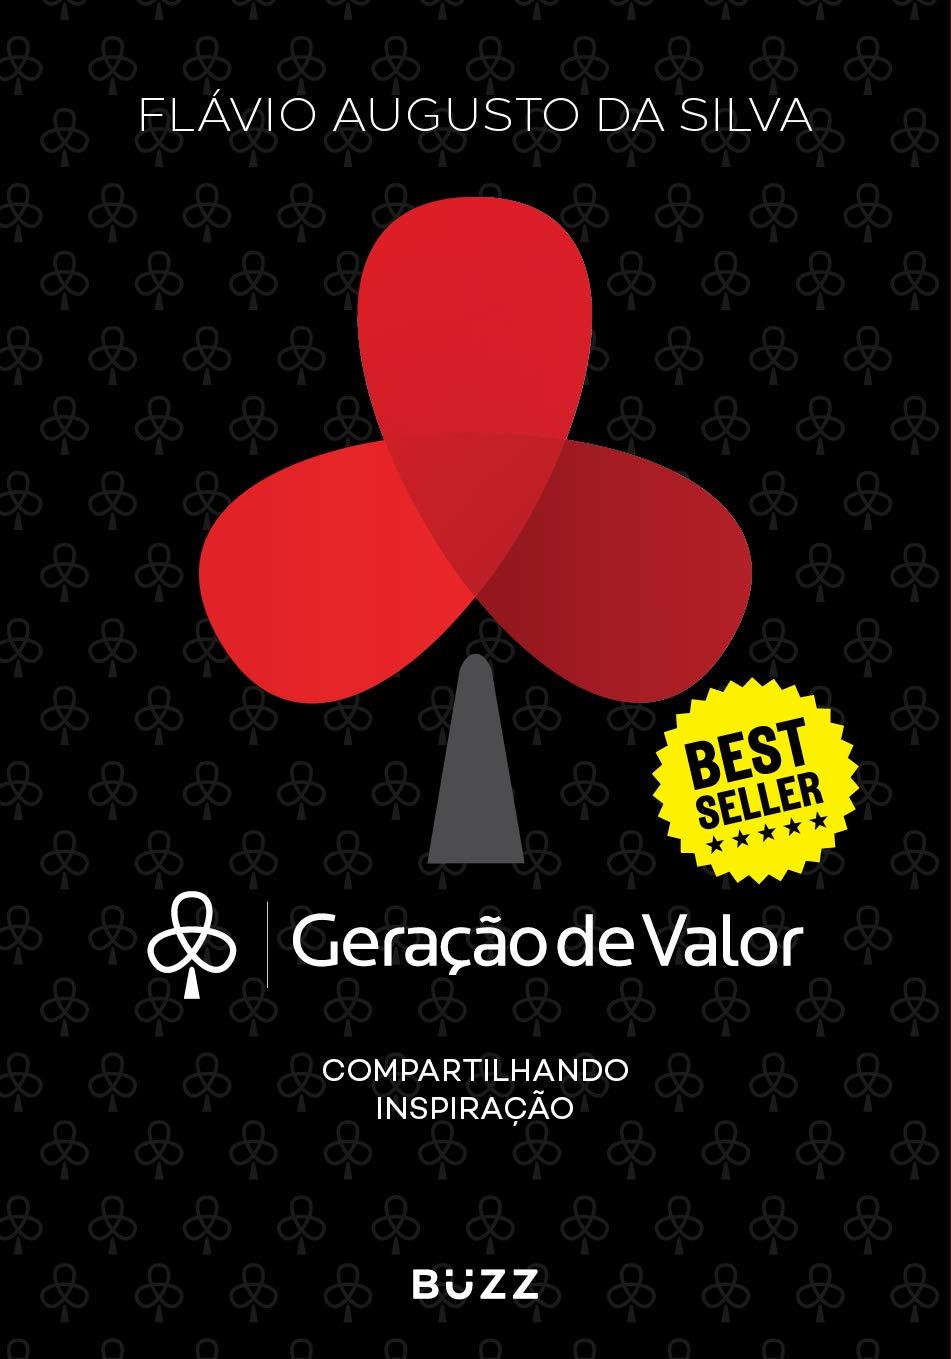 GERAÇÃO DE VALOR VOL. 1